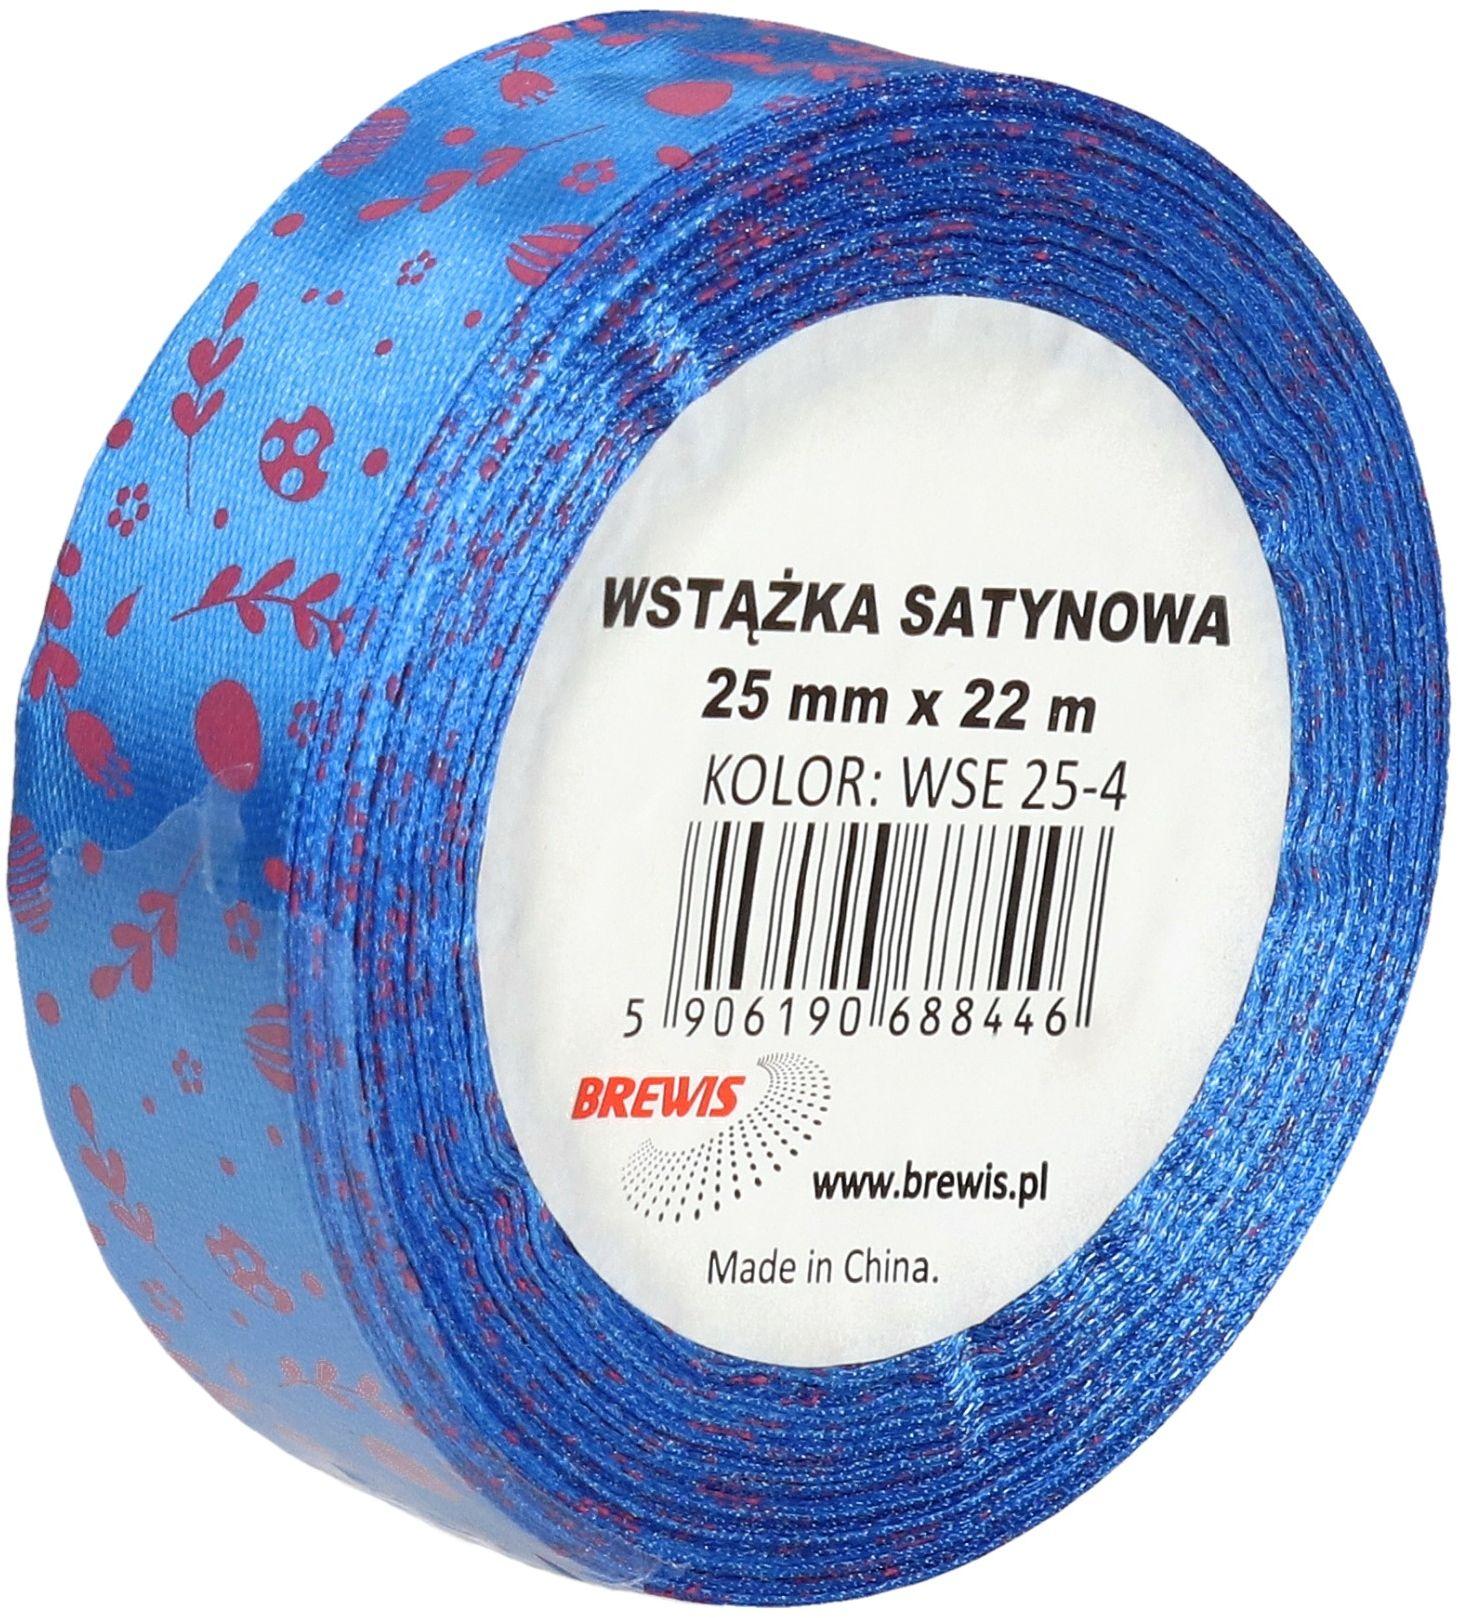 Wstążka satynowa 25mm niebieska wielkanoc Brewis WSE25-4